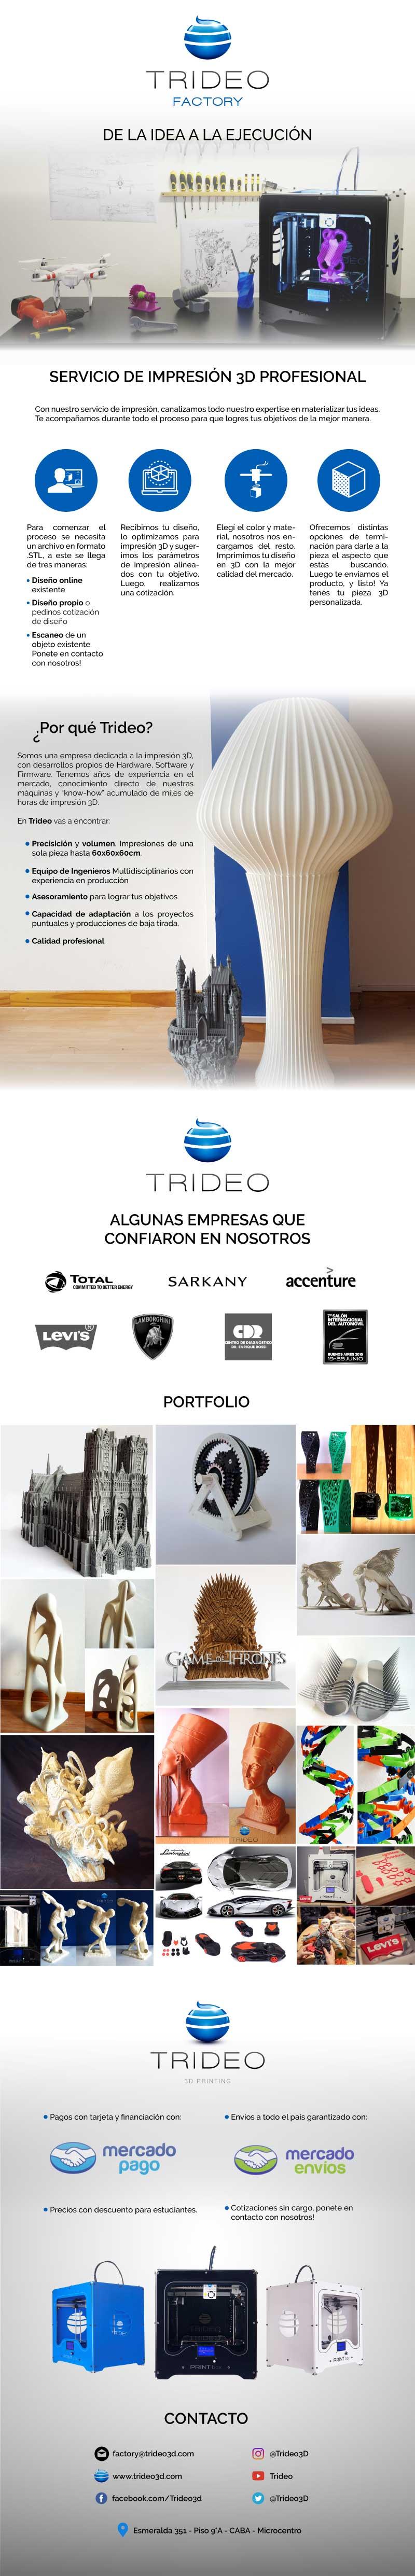 Servicio de Impresión 3D Profesional - Trideo